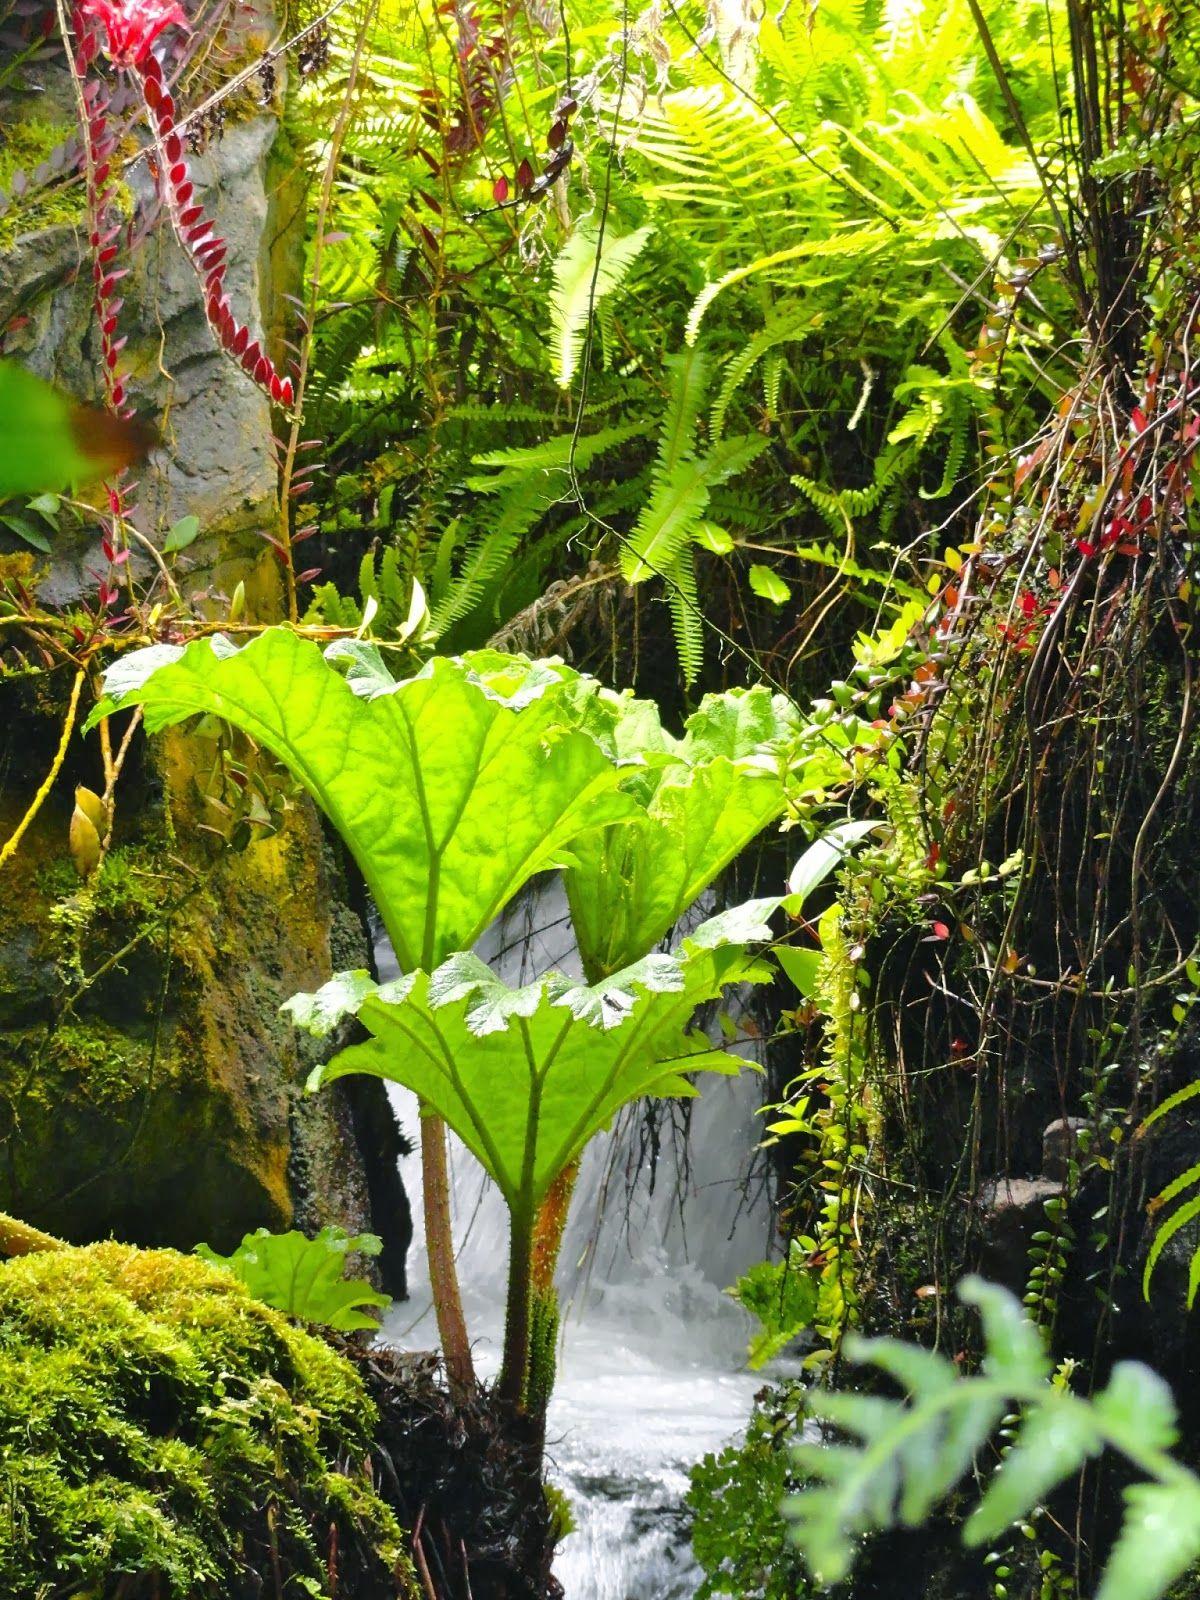 Singapore Botanic Garden (With images) Singapore botanic